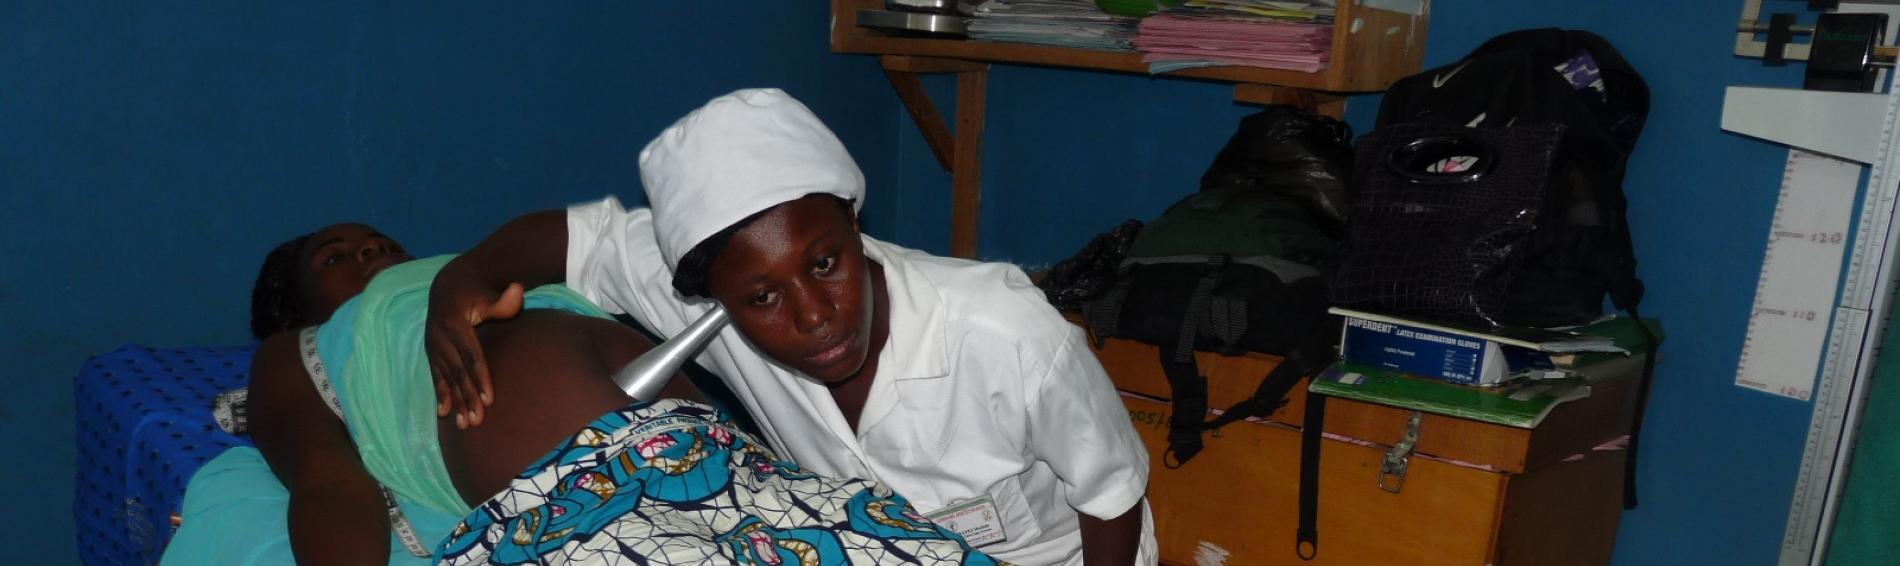 Hebamme versorgt junge Mutter in Togo. Foto: Ärzte der Welt